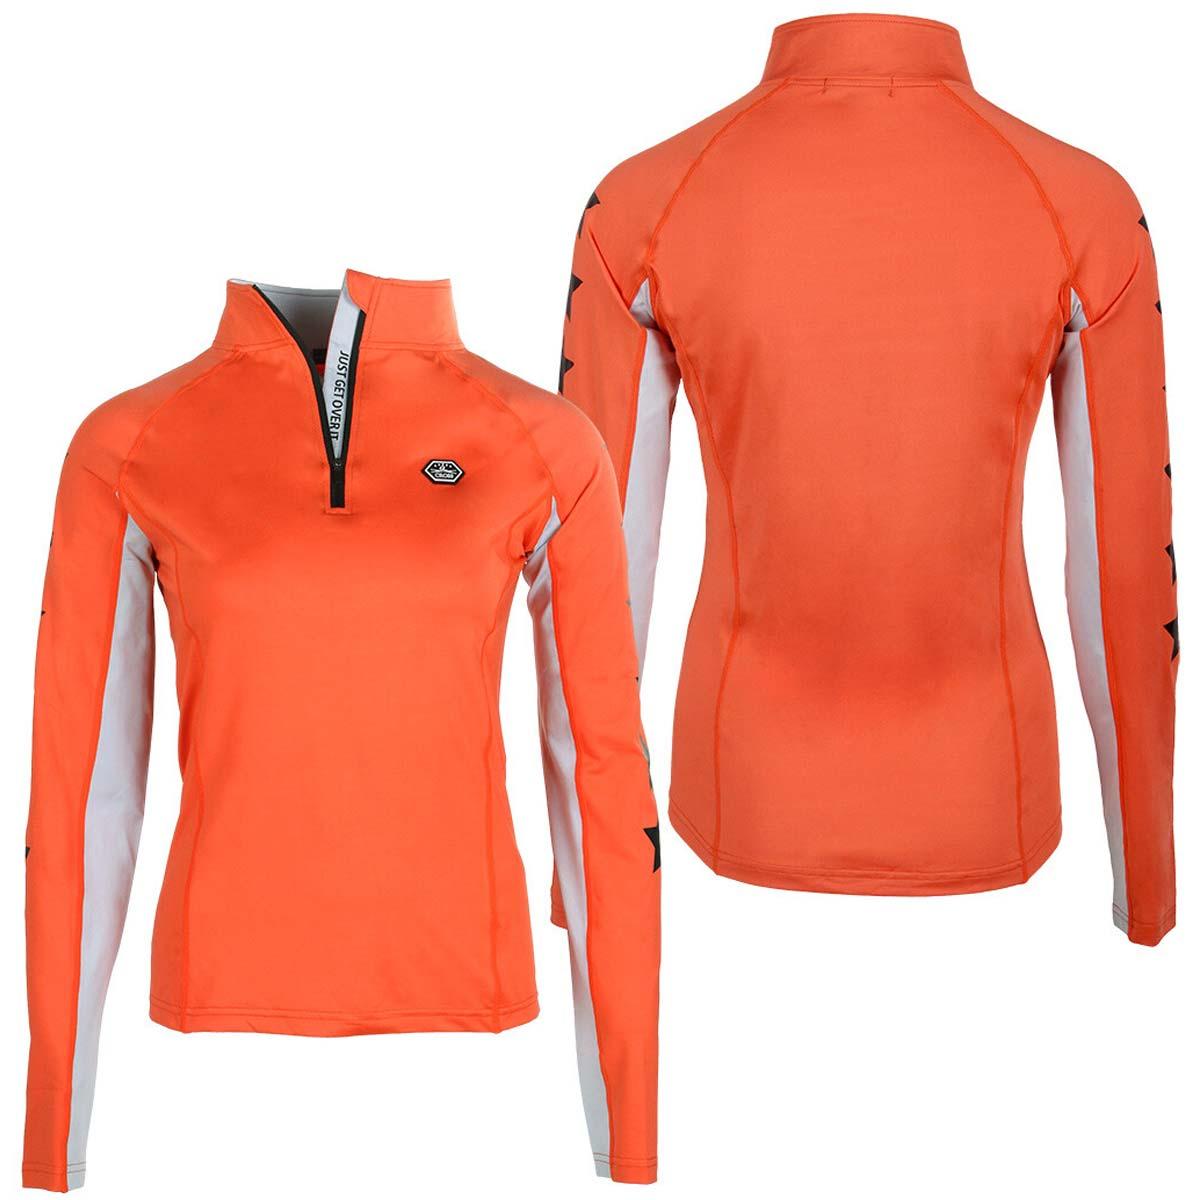 QHP QCross Vegas kinder techshirt oranje maat:164